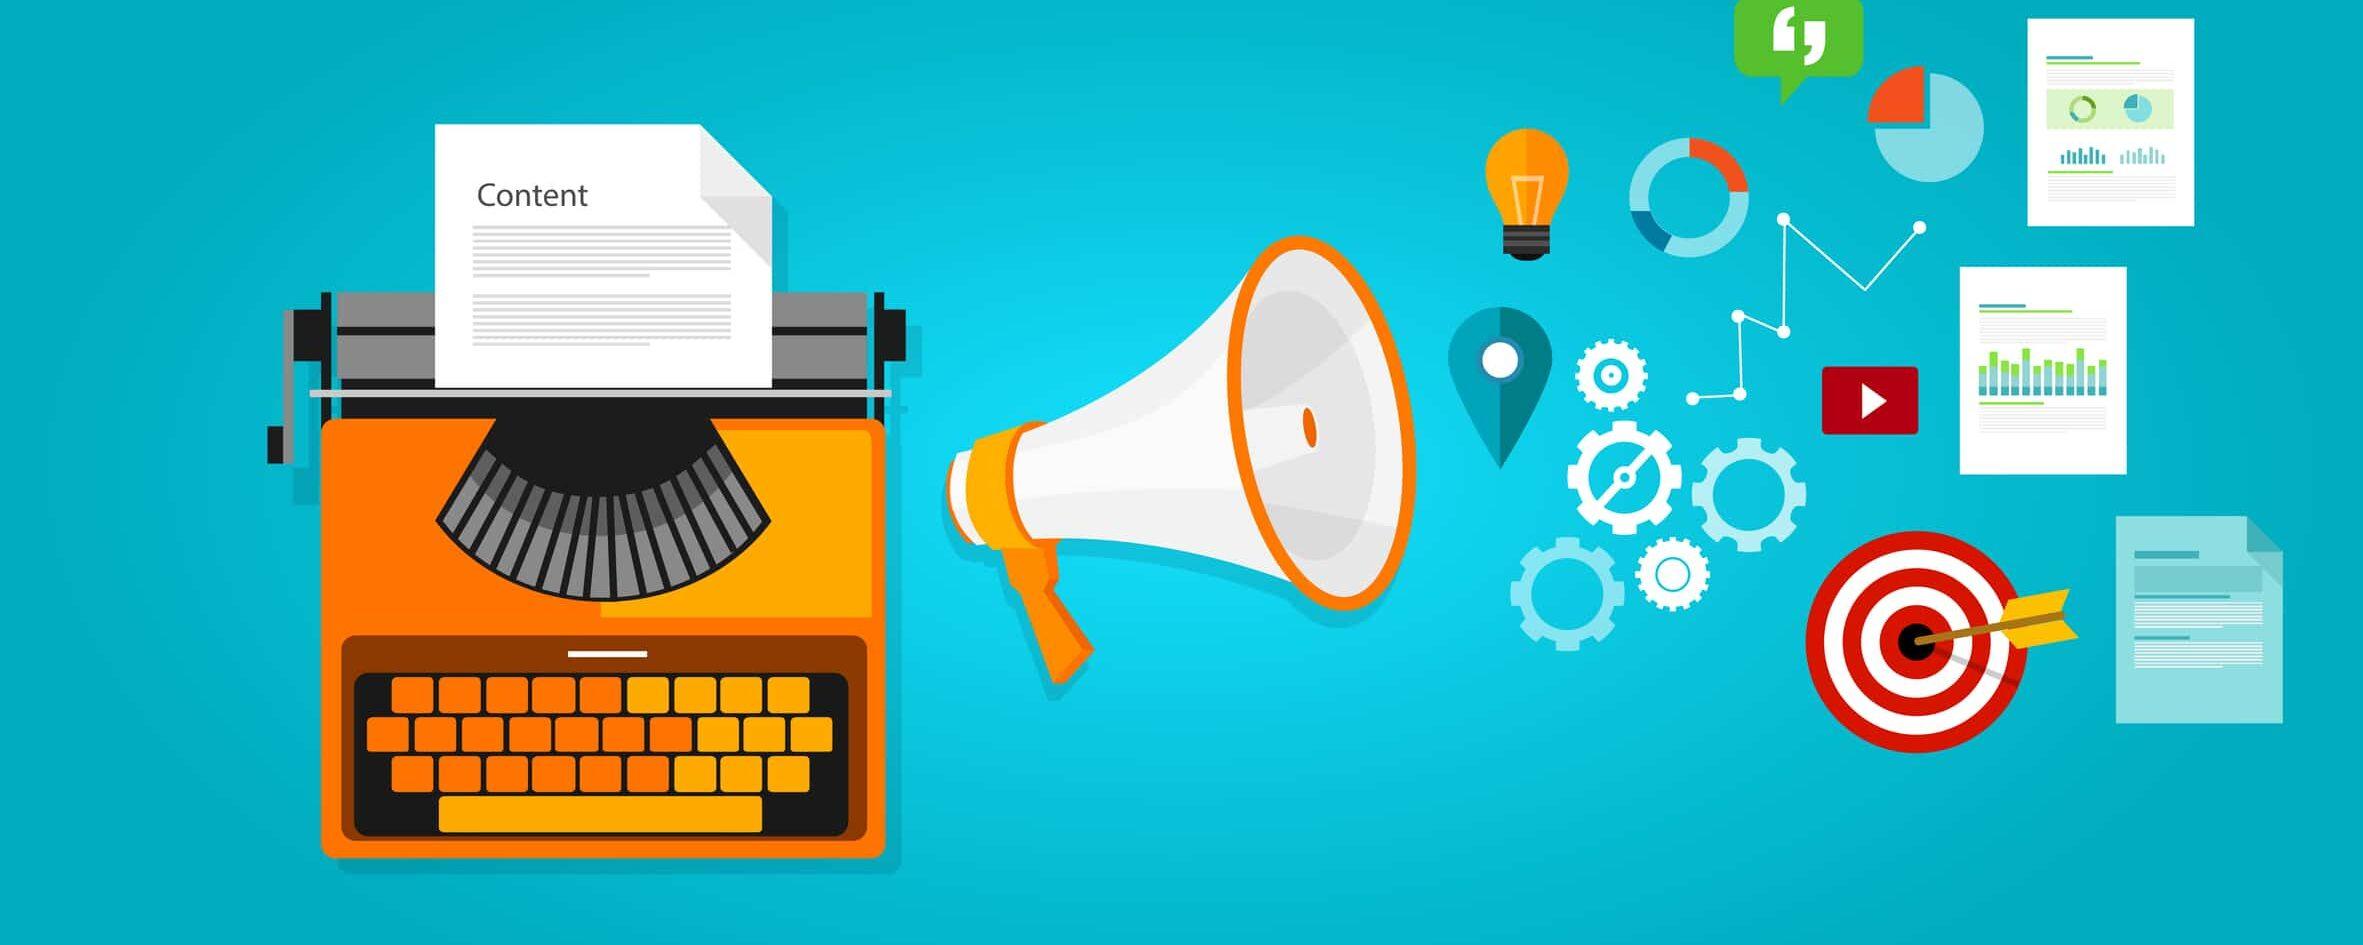 Créer du contenu pour ses sites